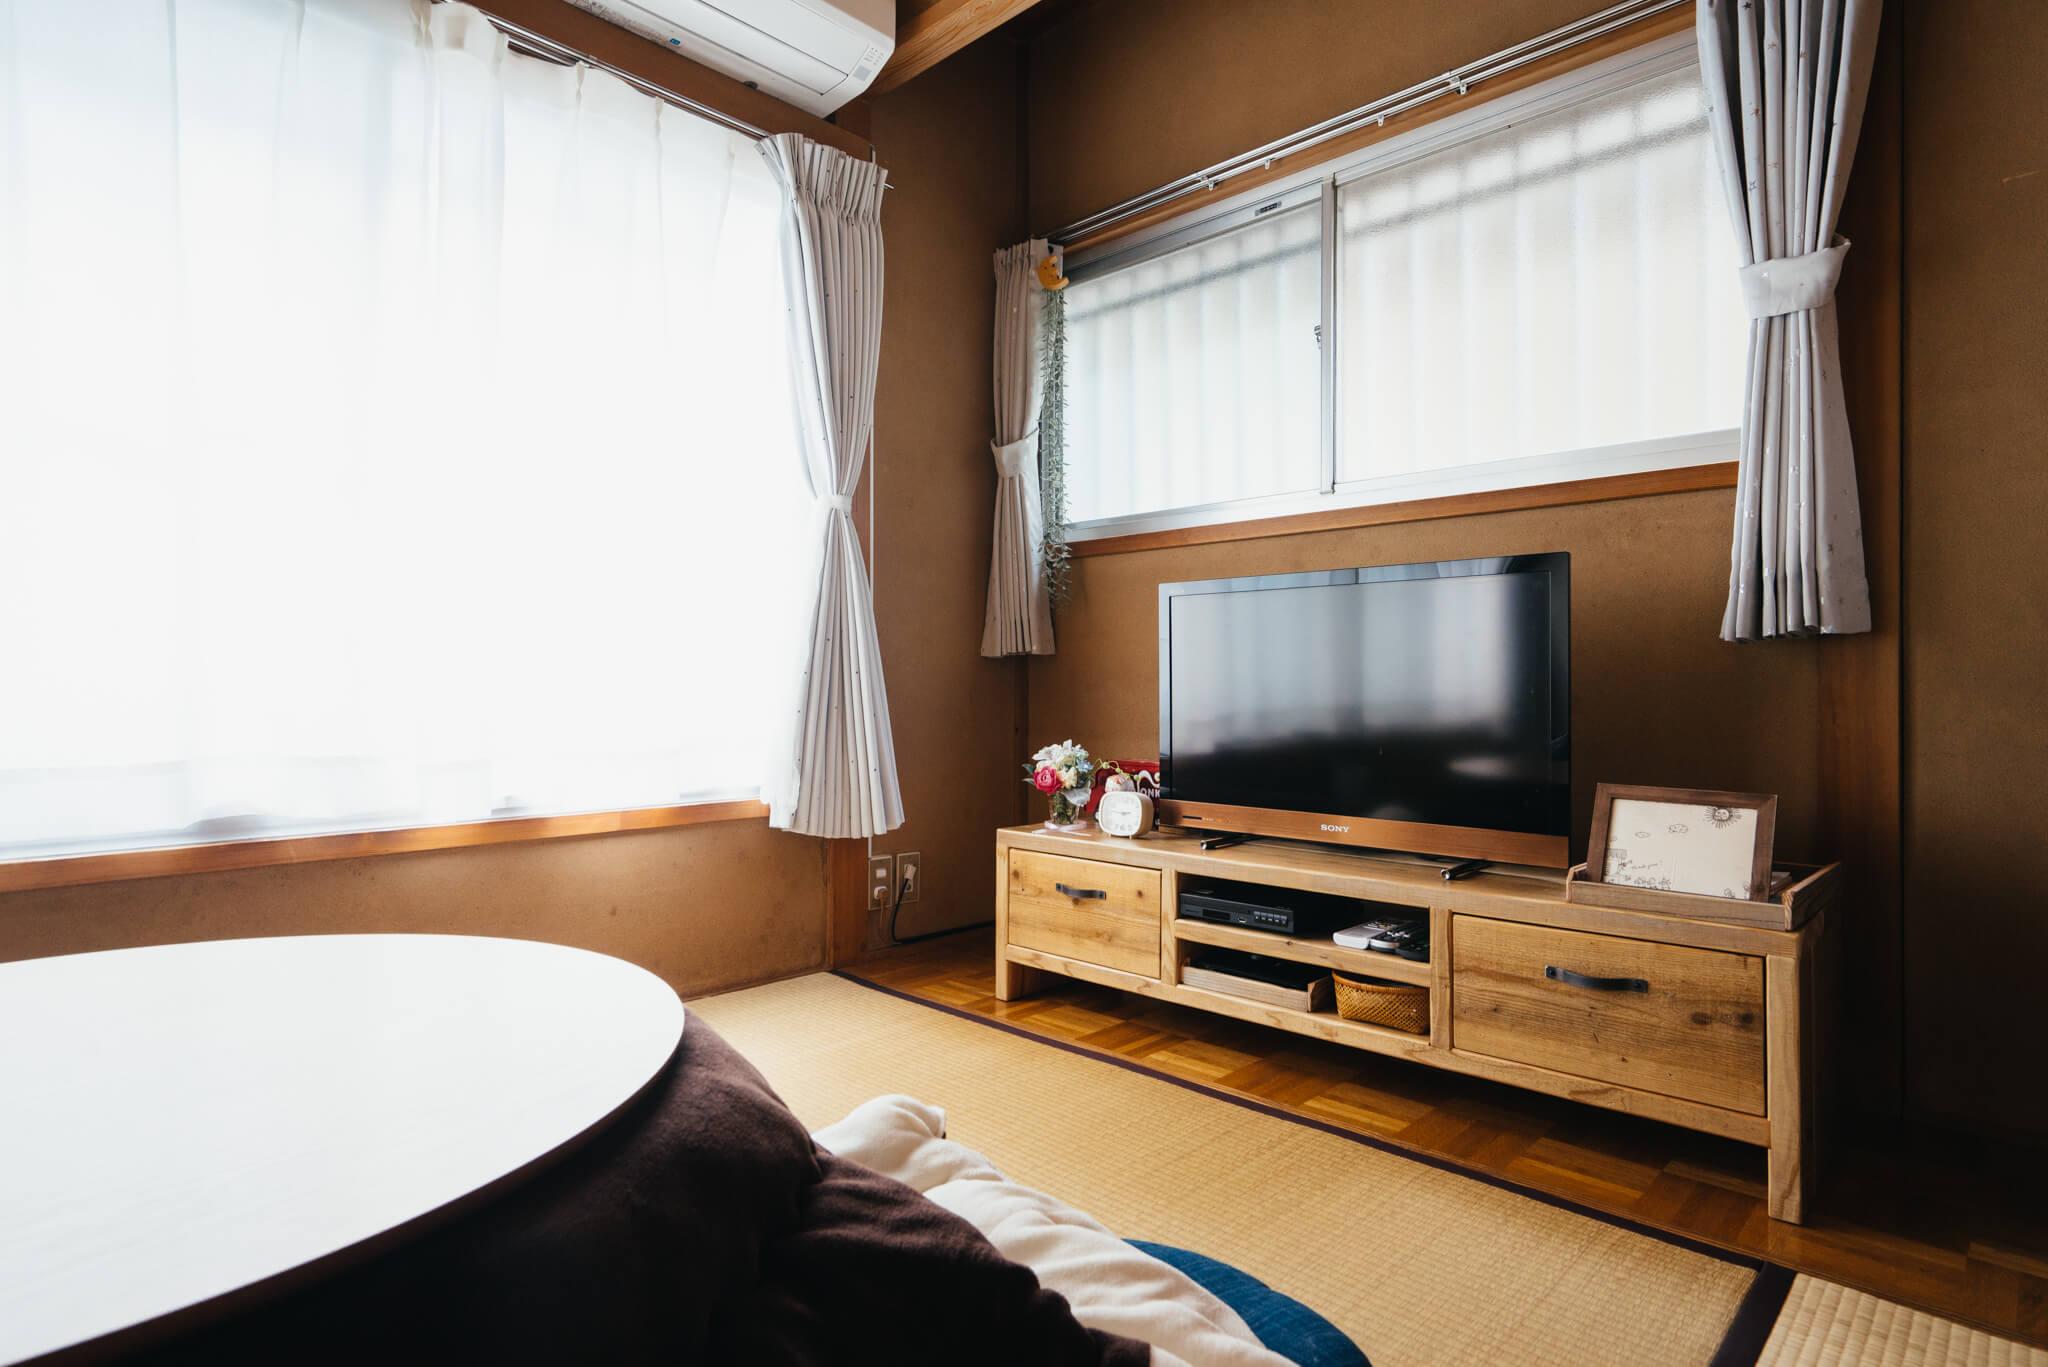 家具は、「対応の良さに感動した」という、ネットストアの WOODPRO(https://www.rakuten.co.jp/woodpro/) でほとんど揃えました。